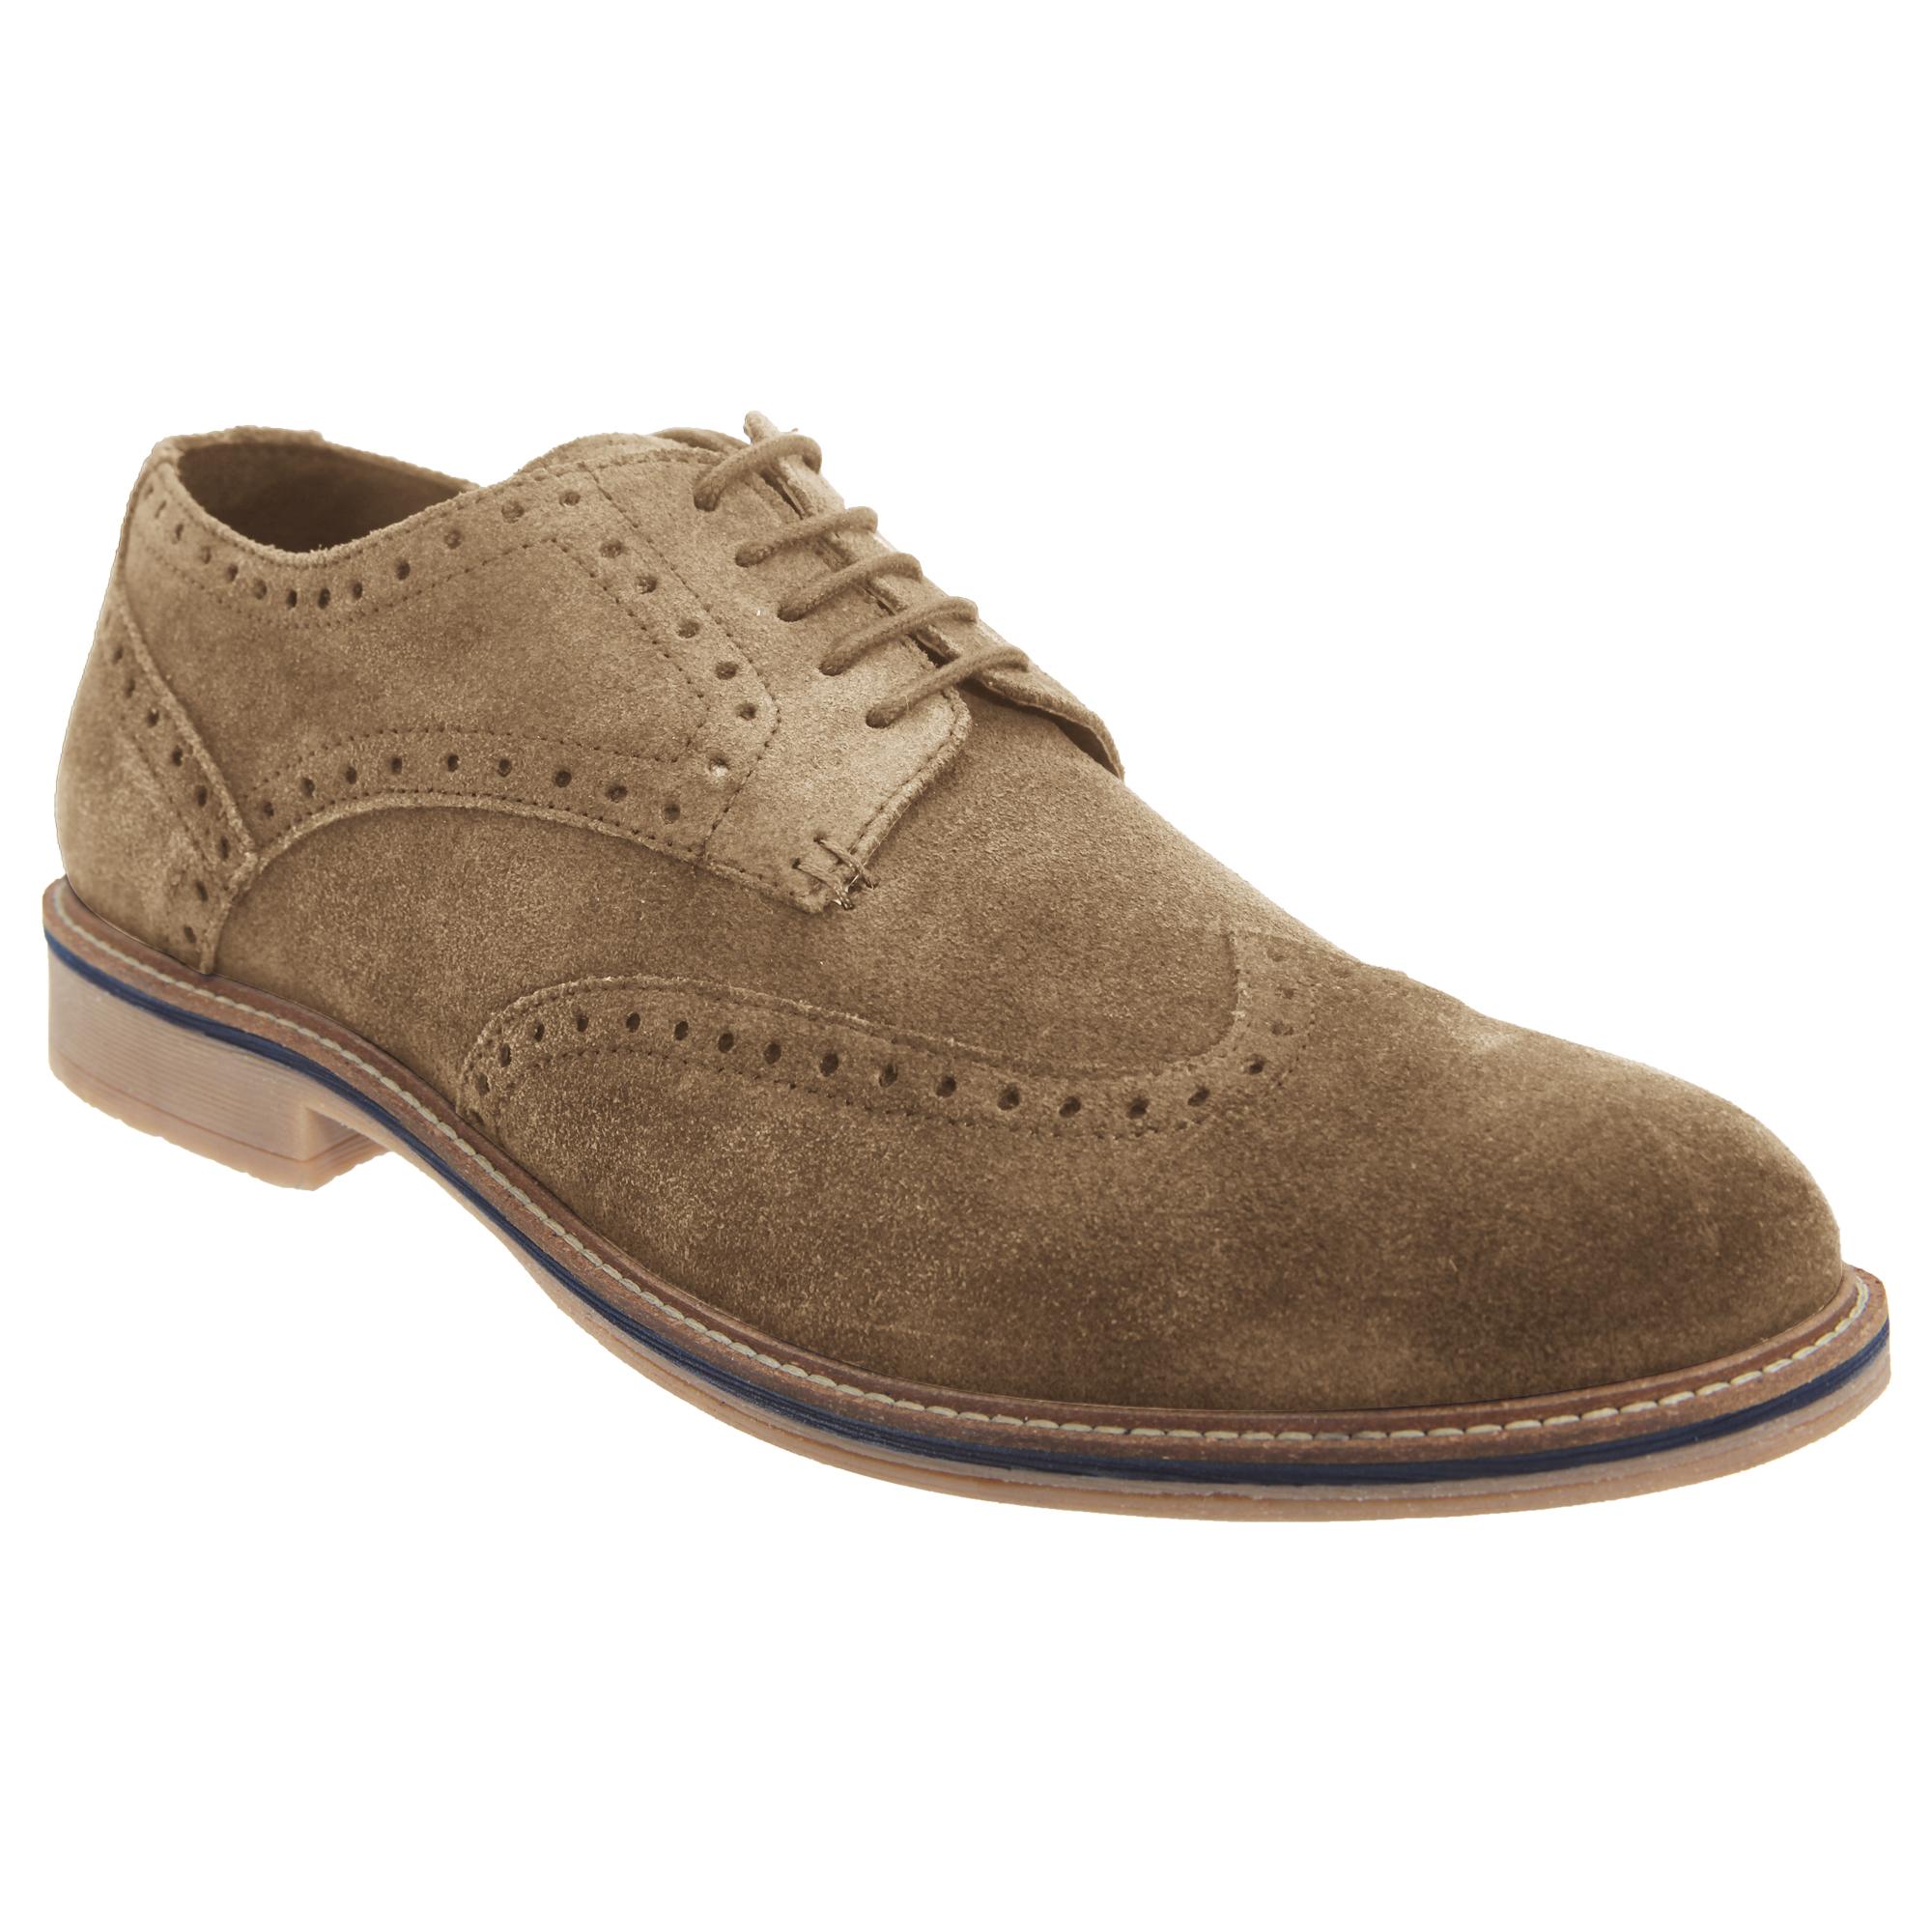 Black Suede Shoes Mens Amazon